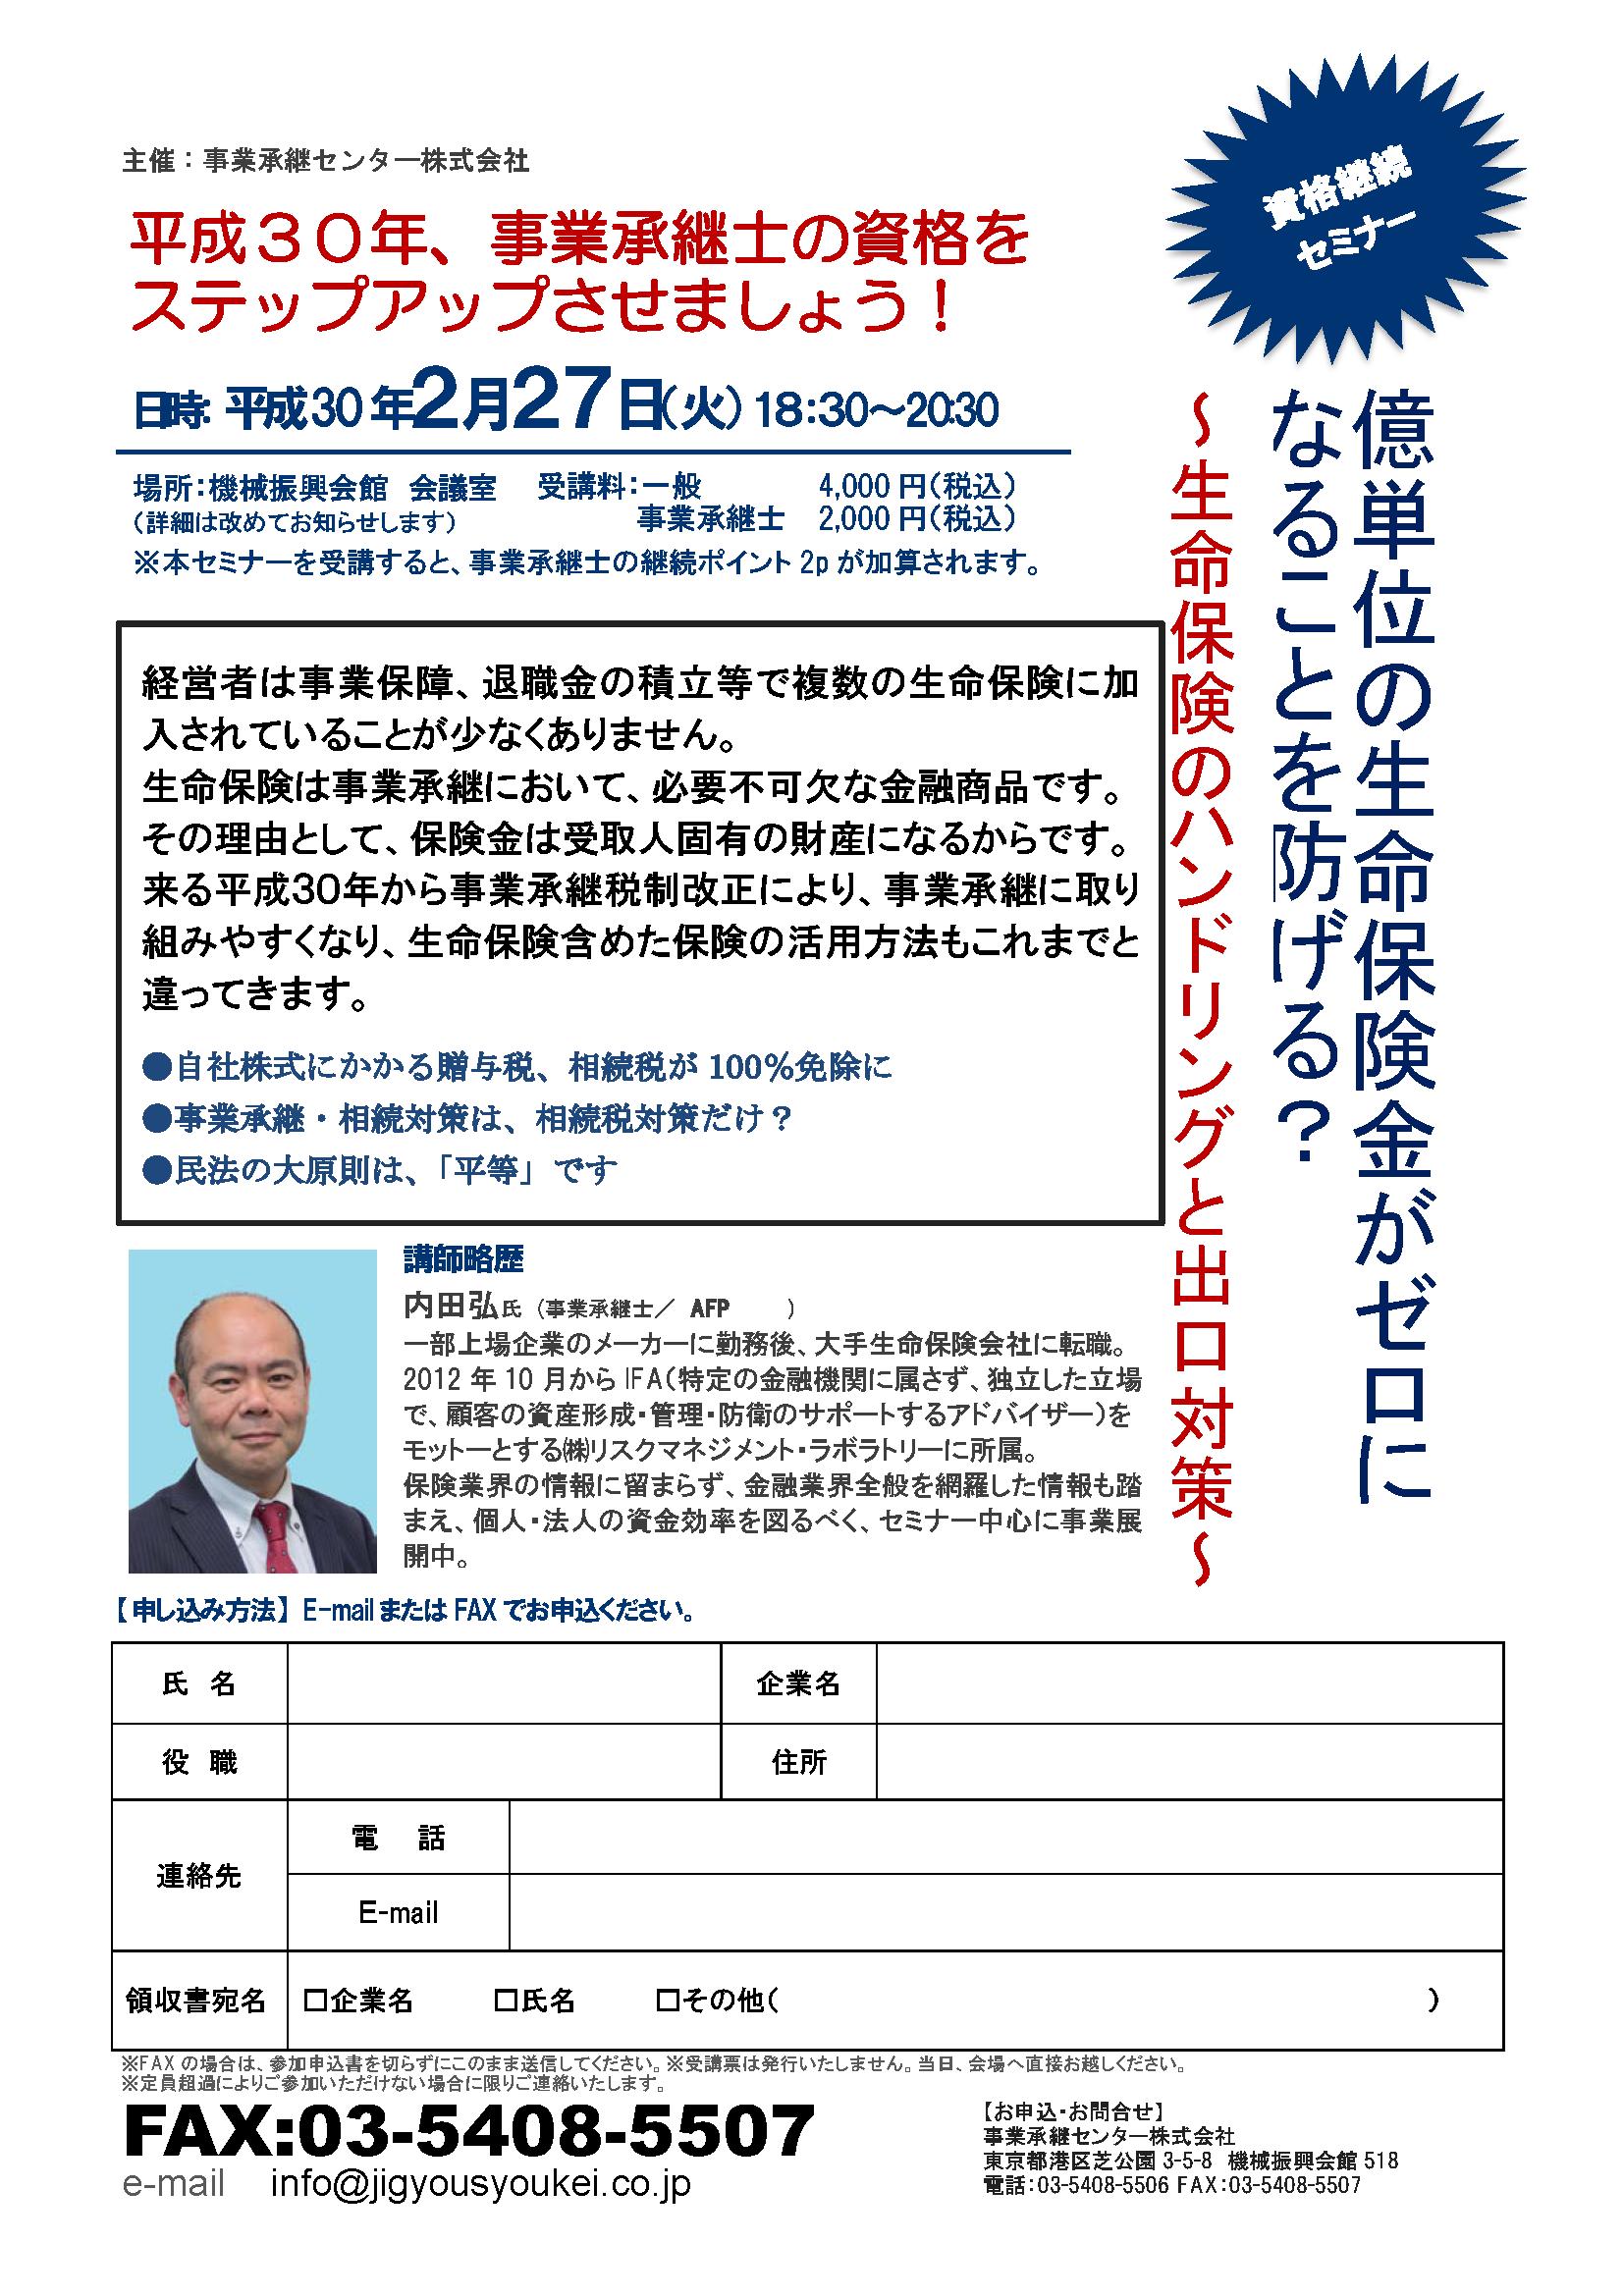 事業承継士 資格継続セミナー 20180227